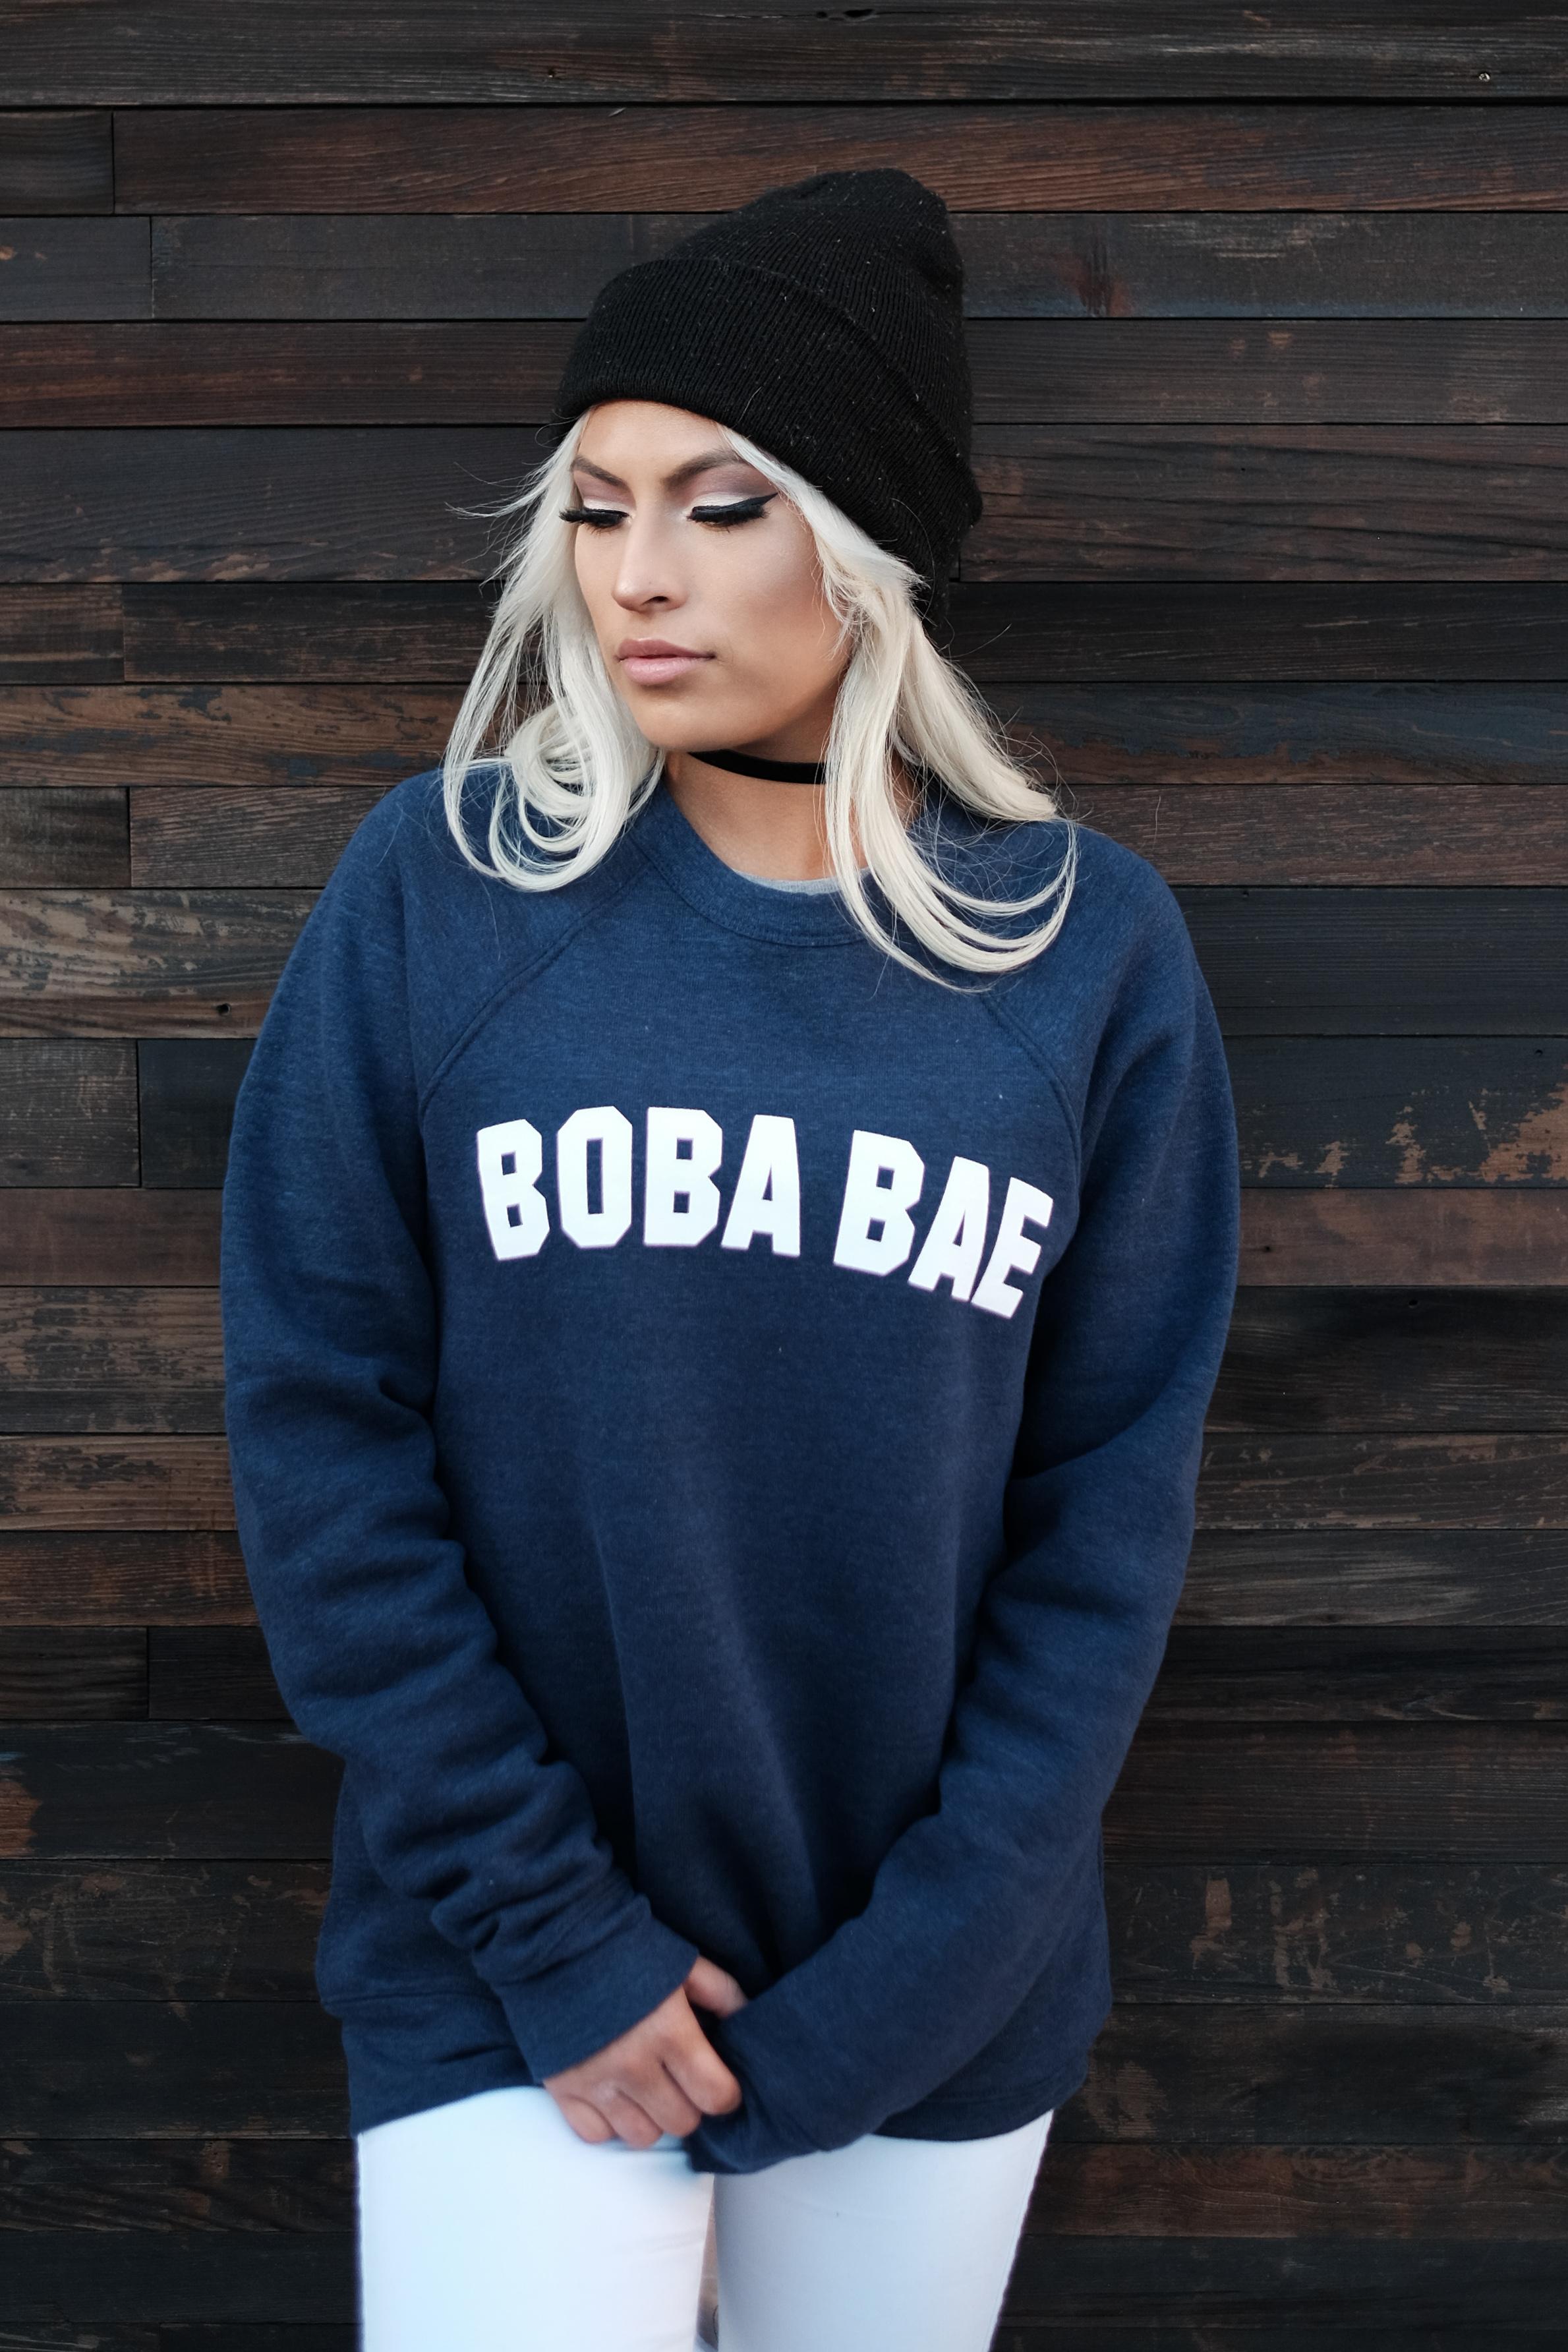 bobabae-11.jpg